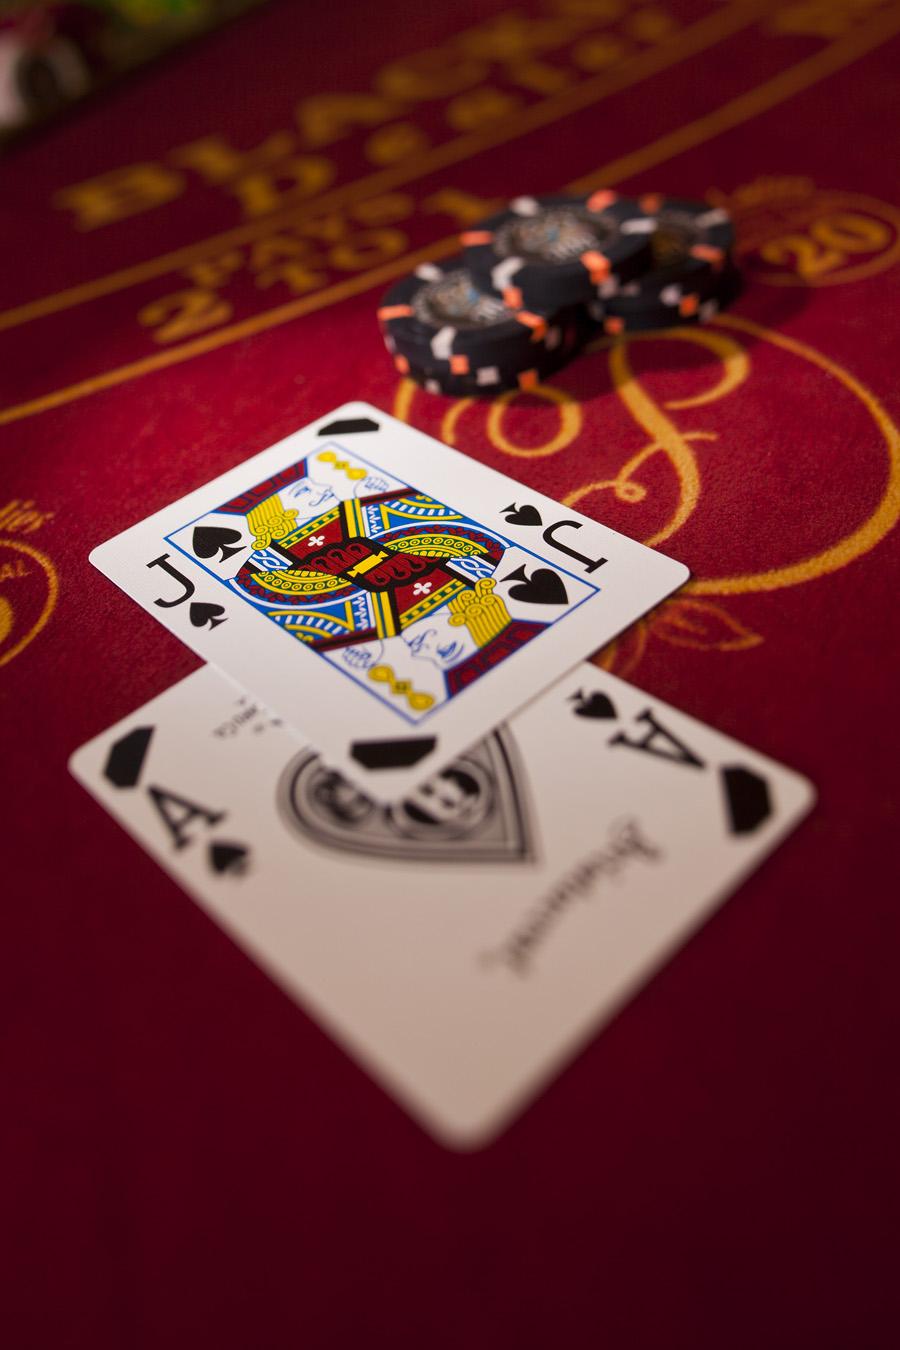 Tenter sa chance aux jeux casino